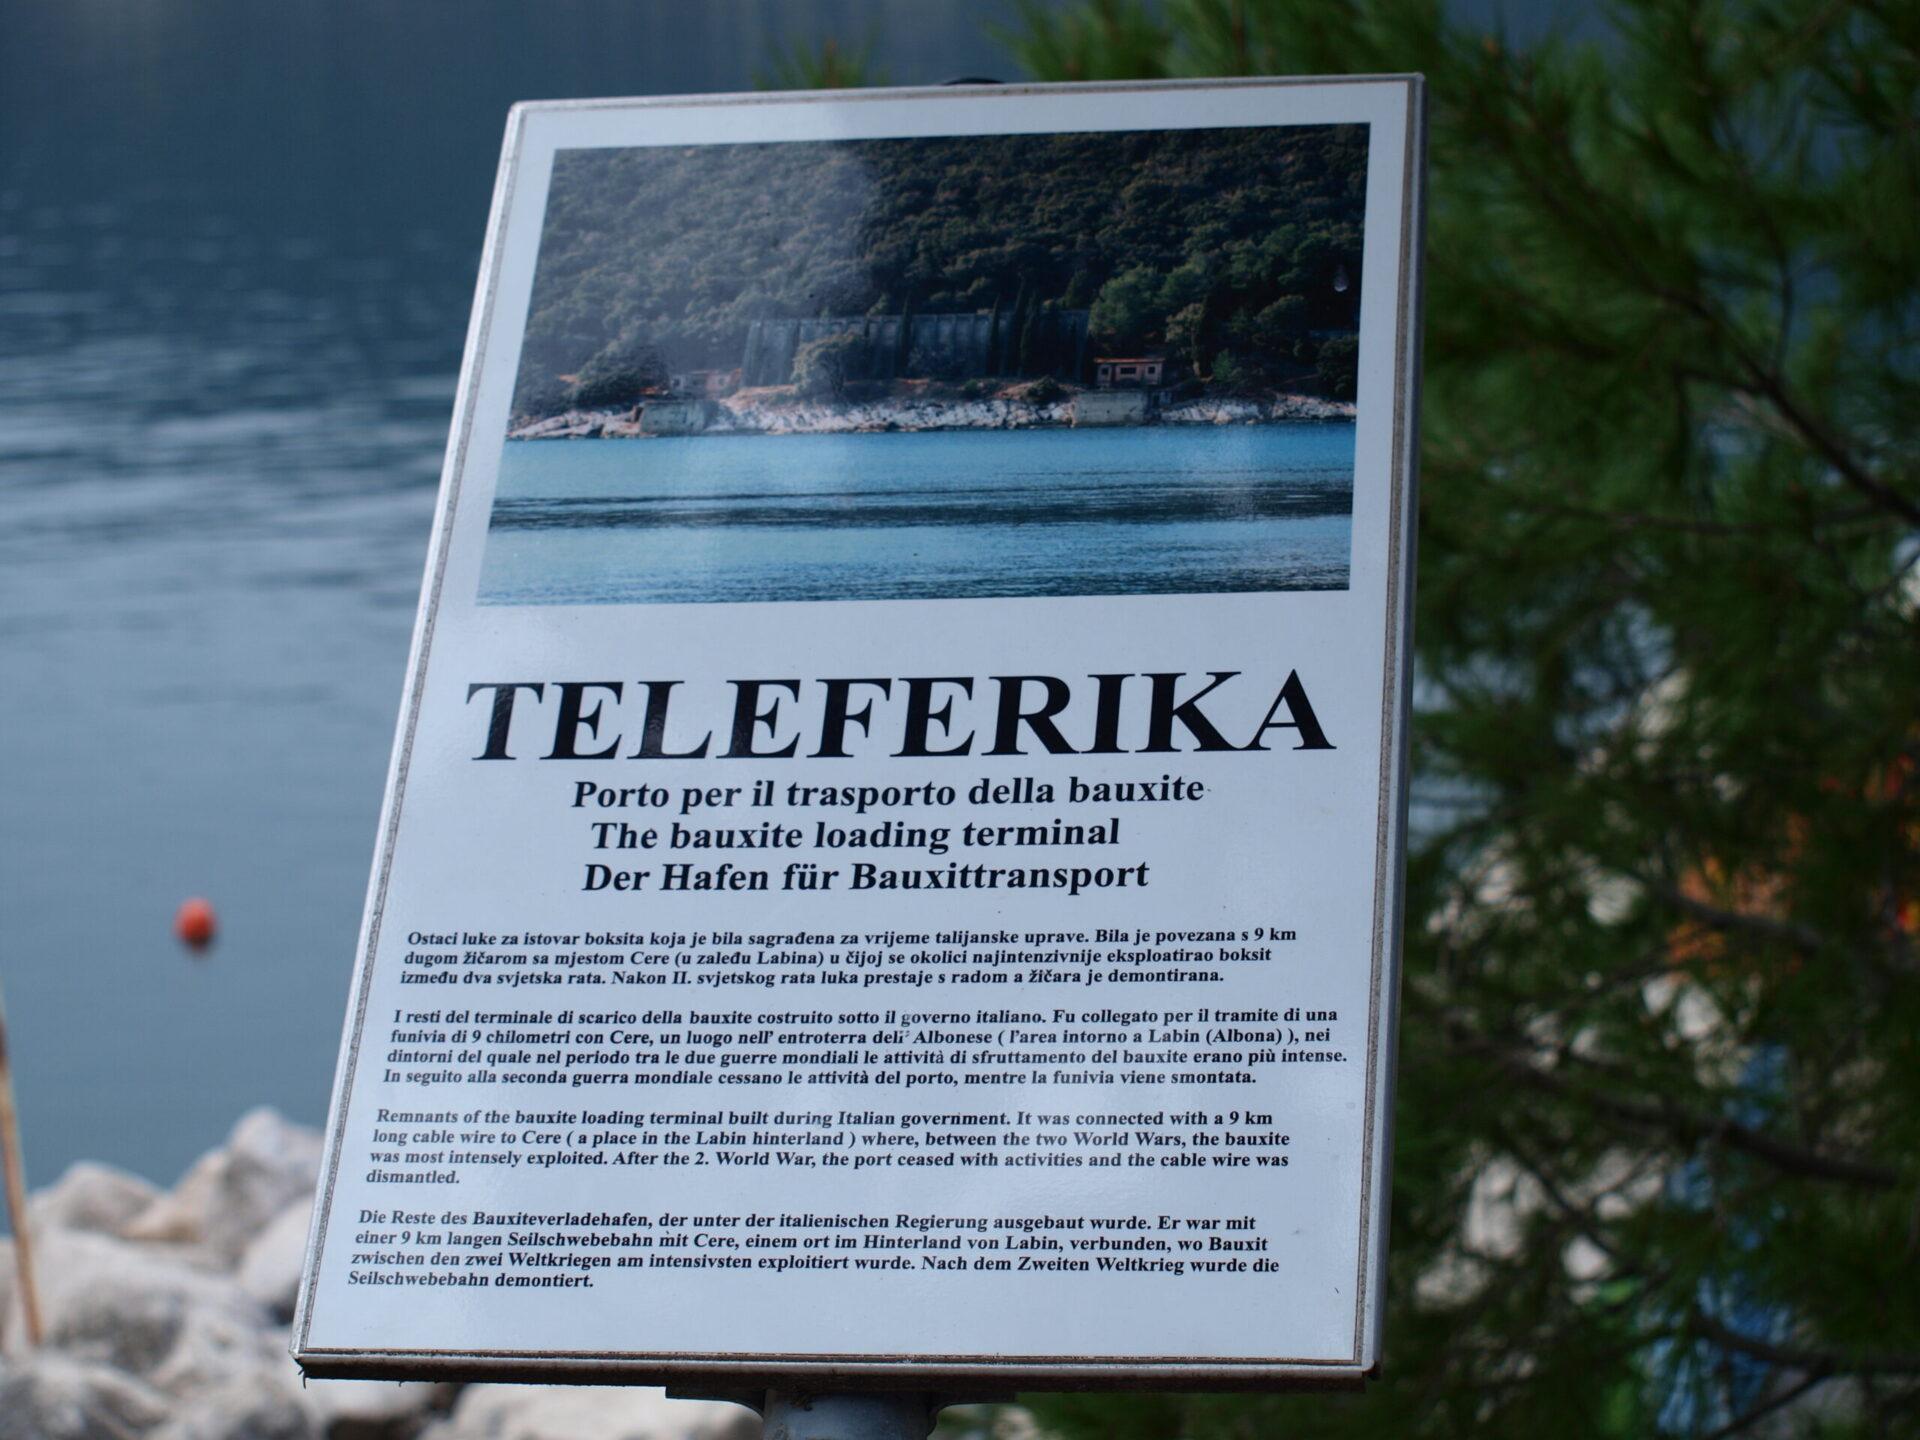 Teleferika